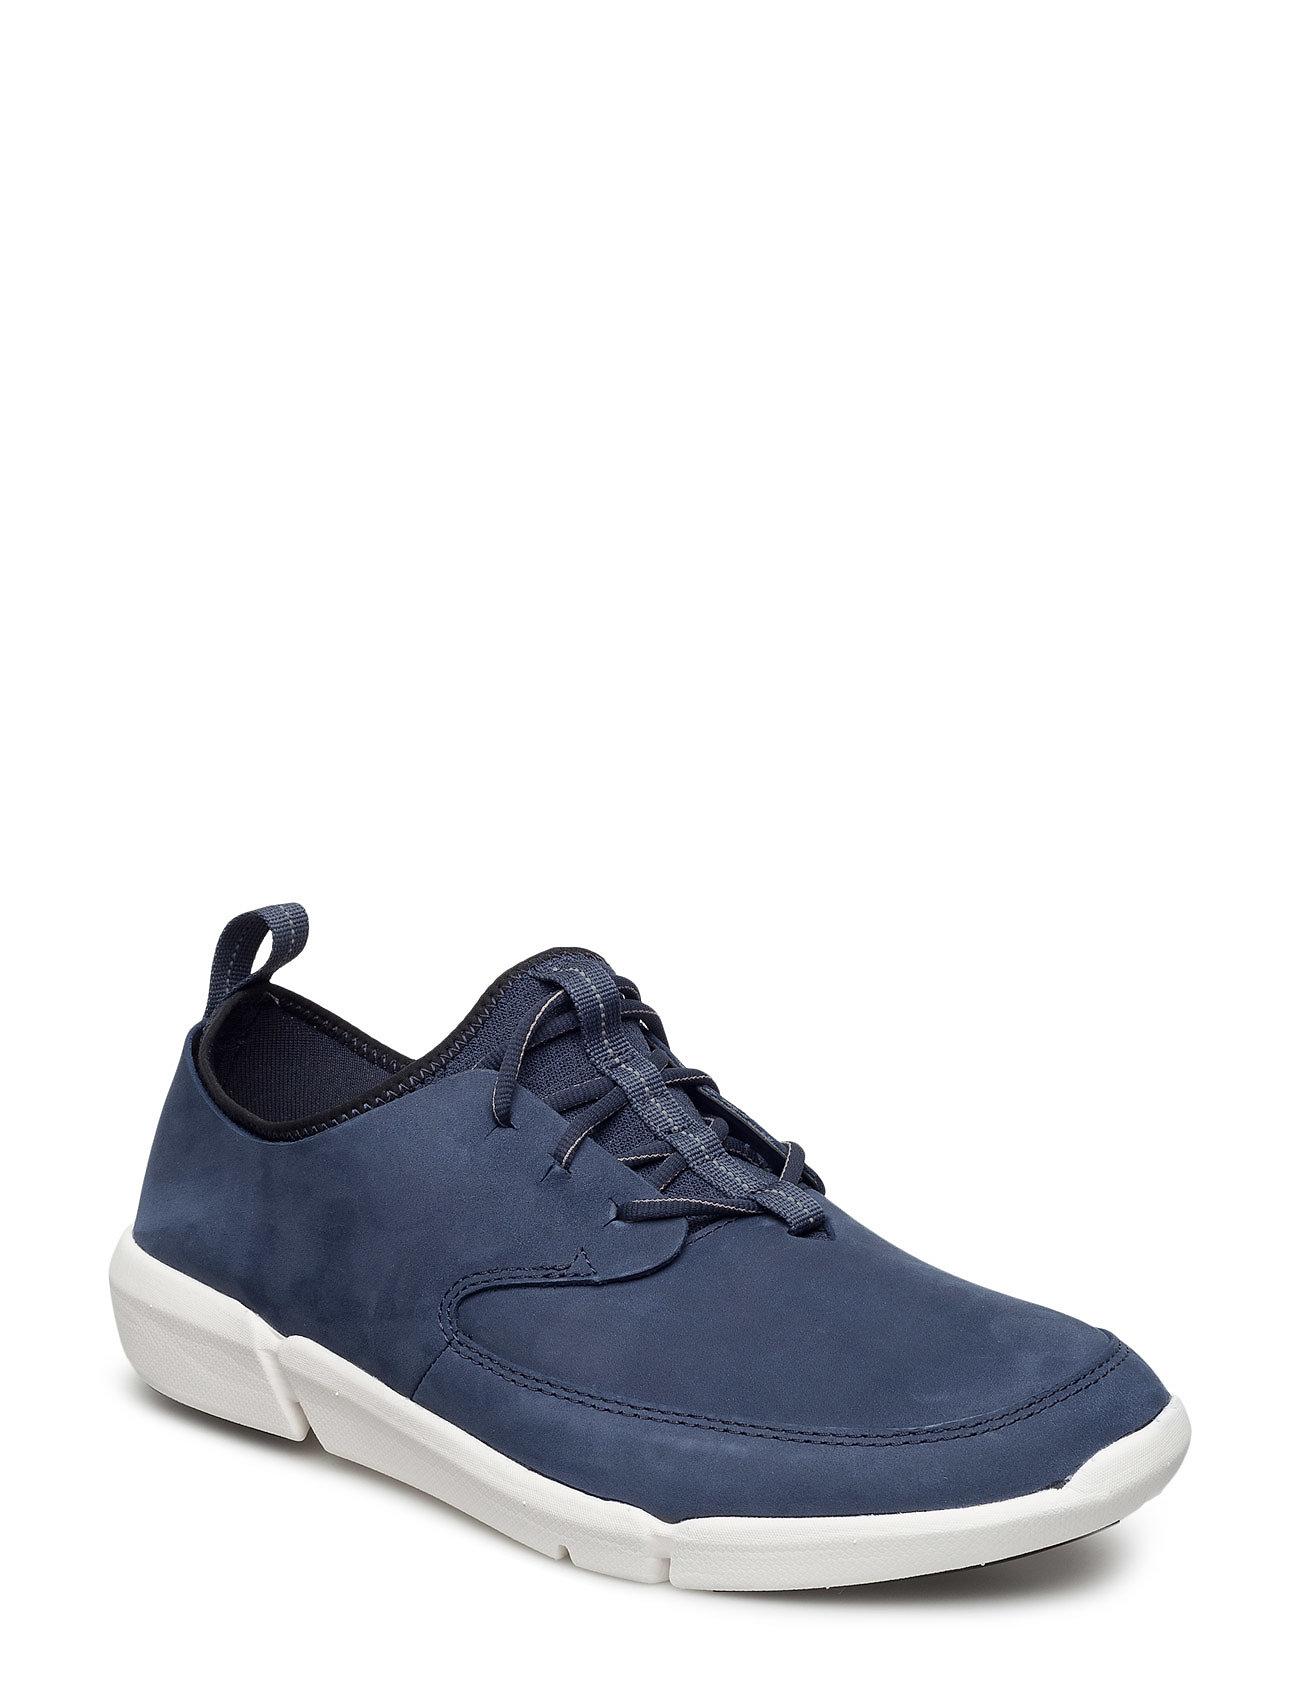 Triflow Form Clarks Sneakers til Herrer i Blå